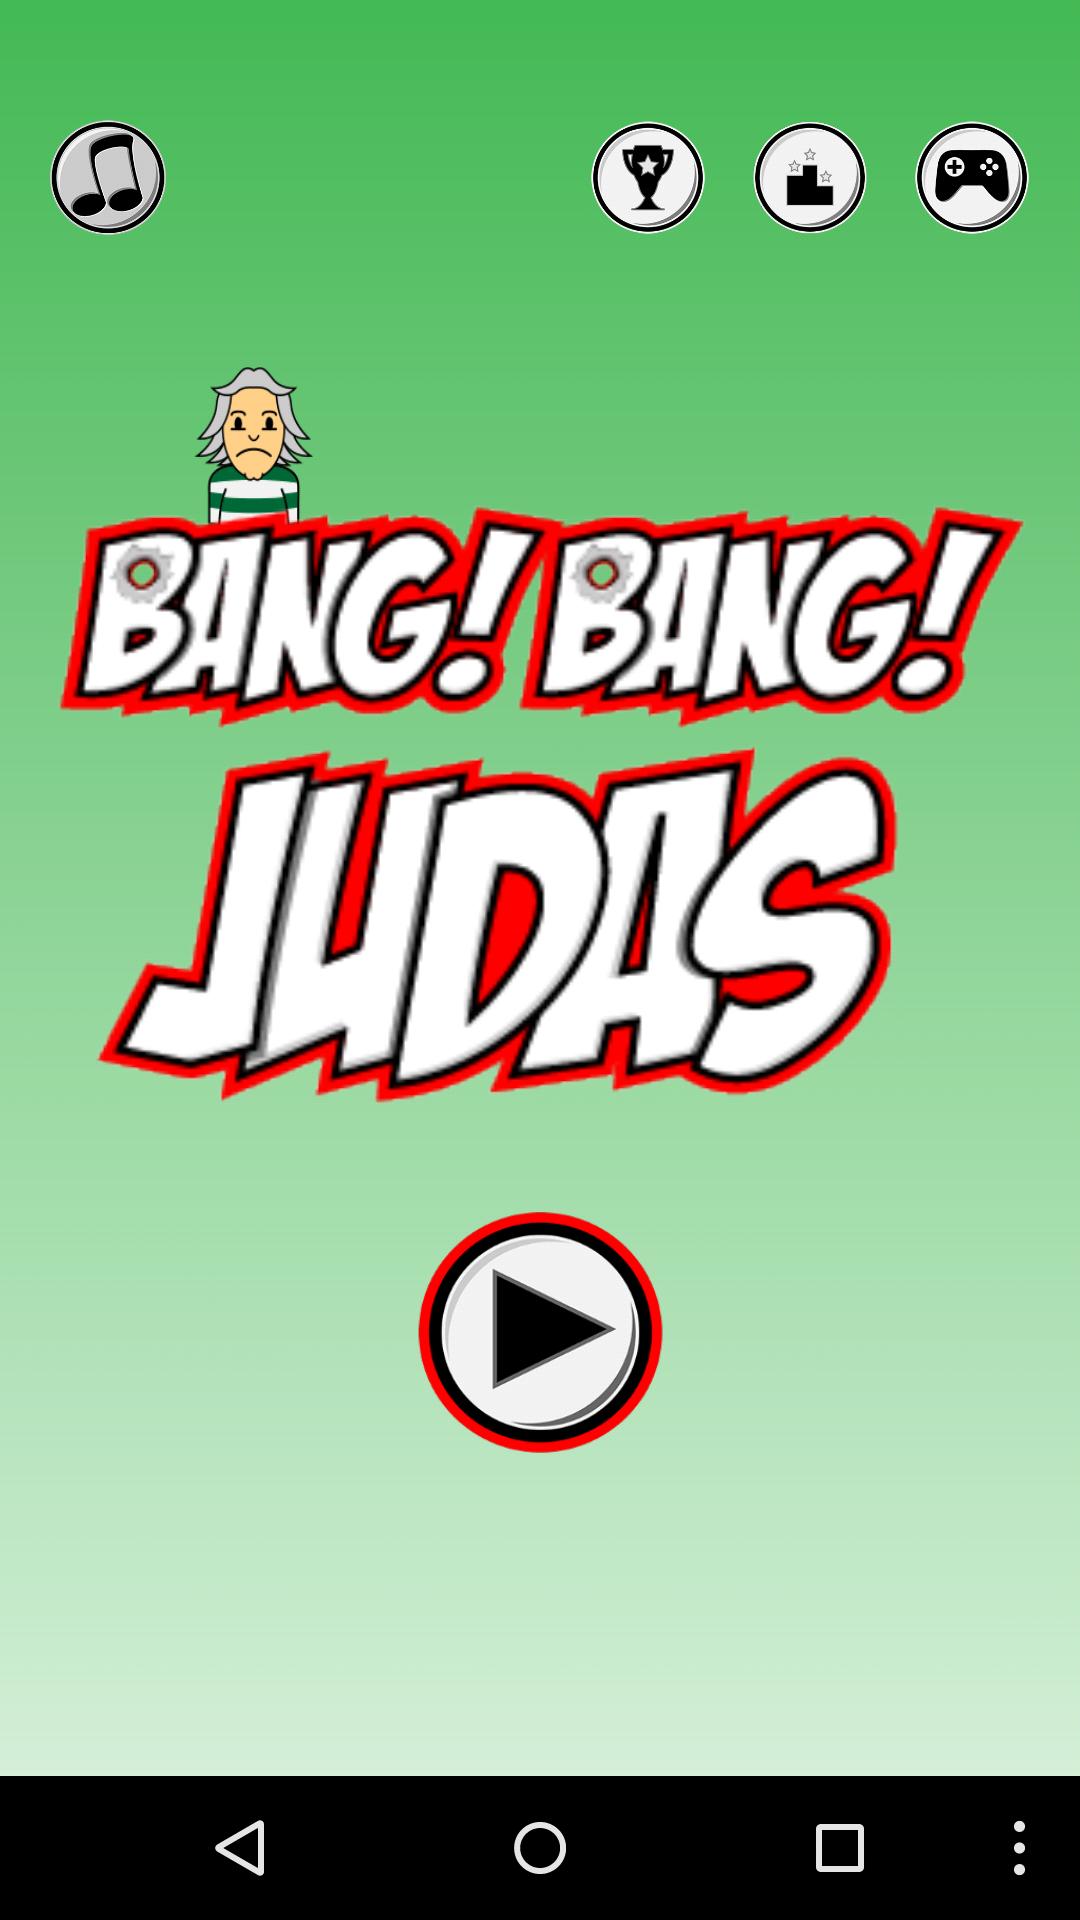 Bang! Bang! Judas